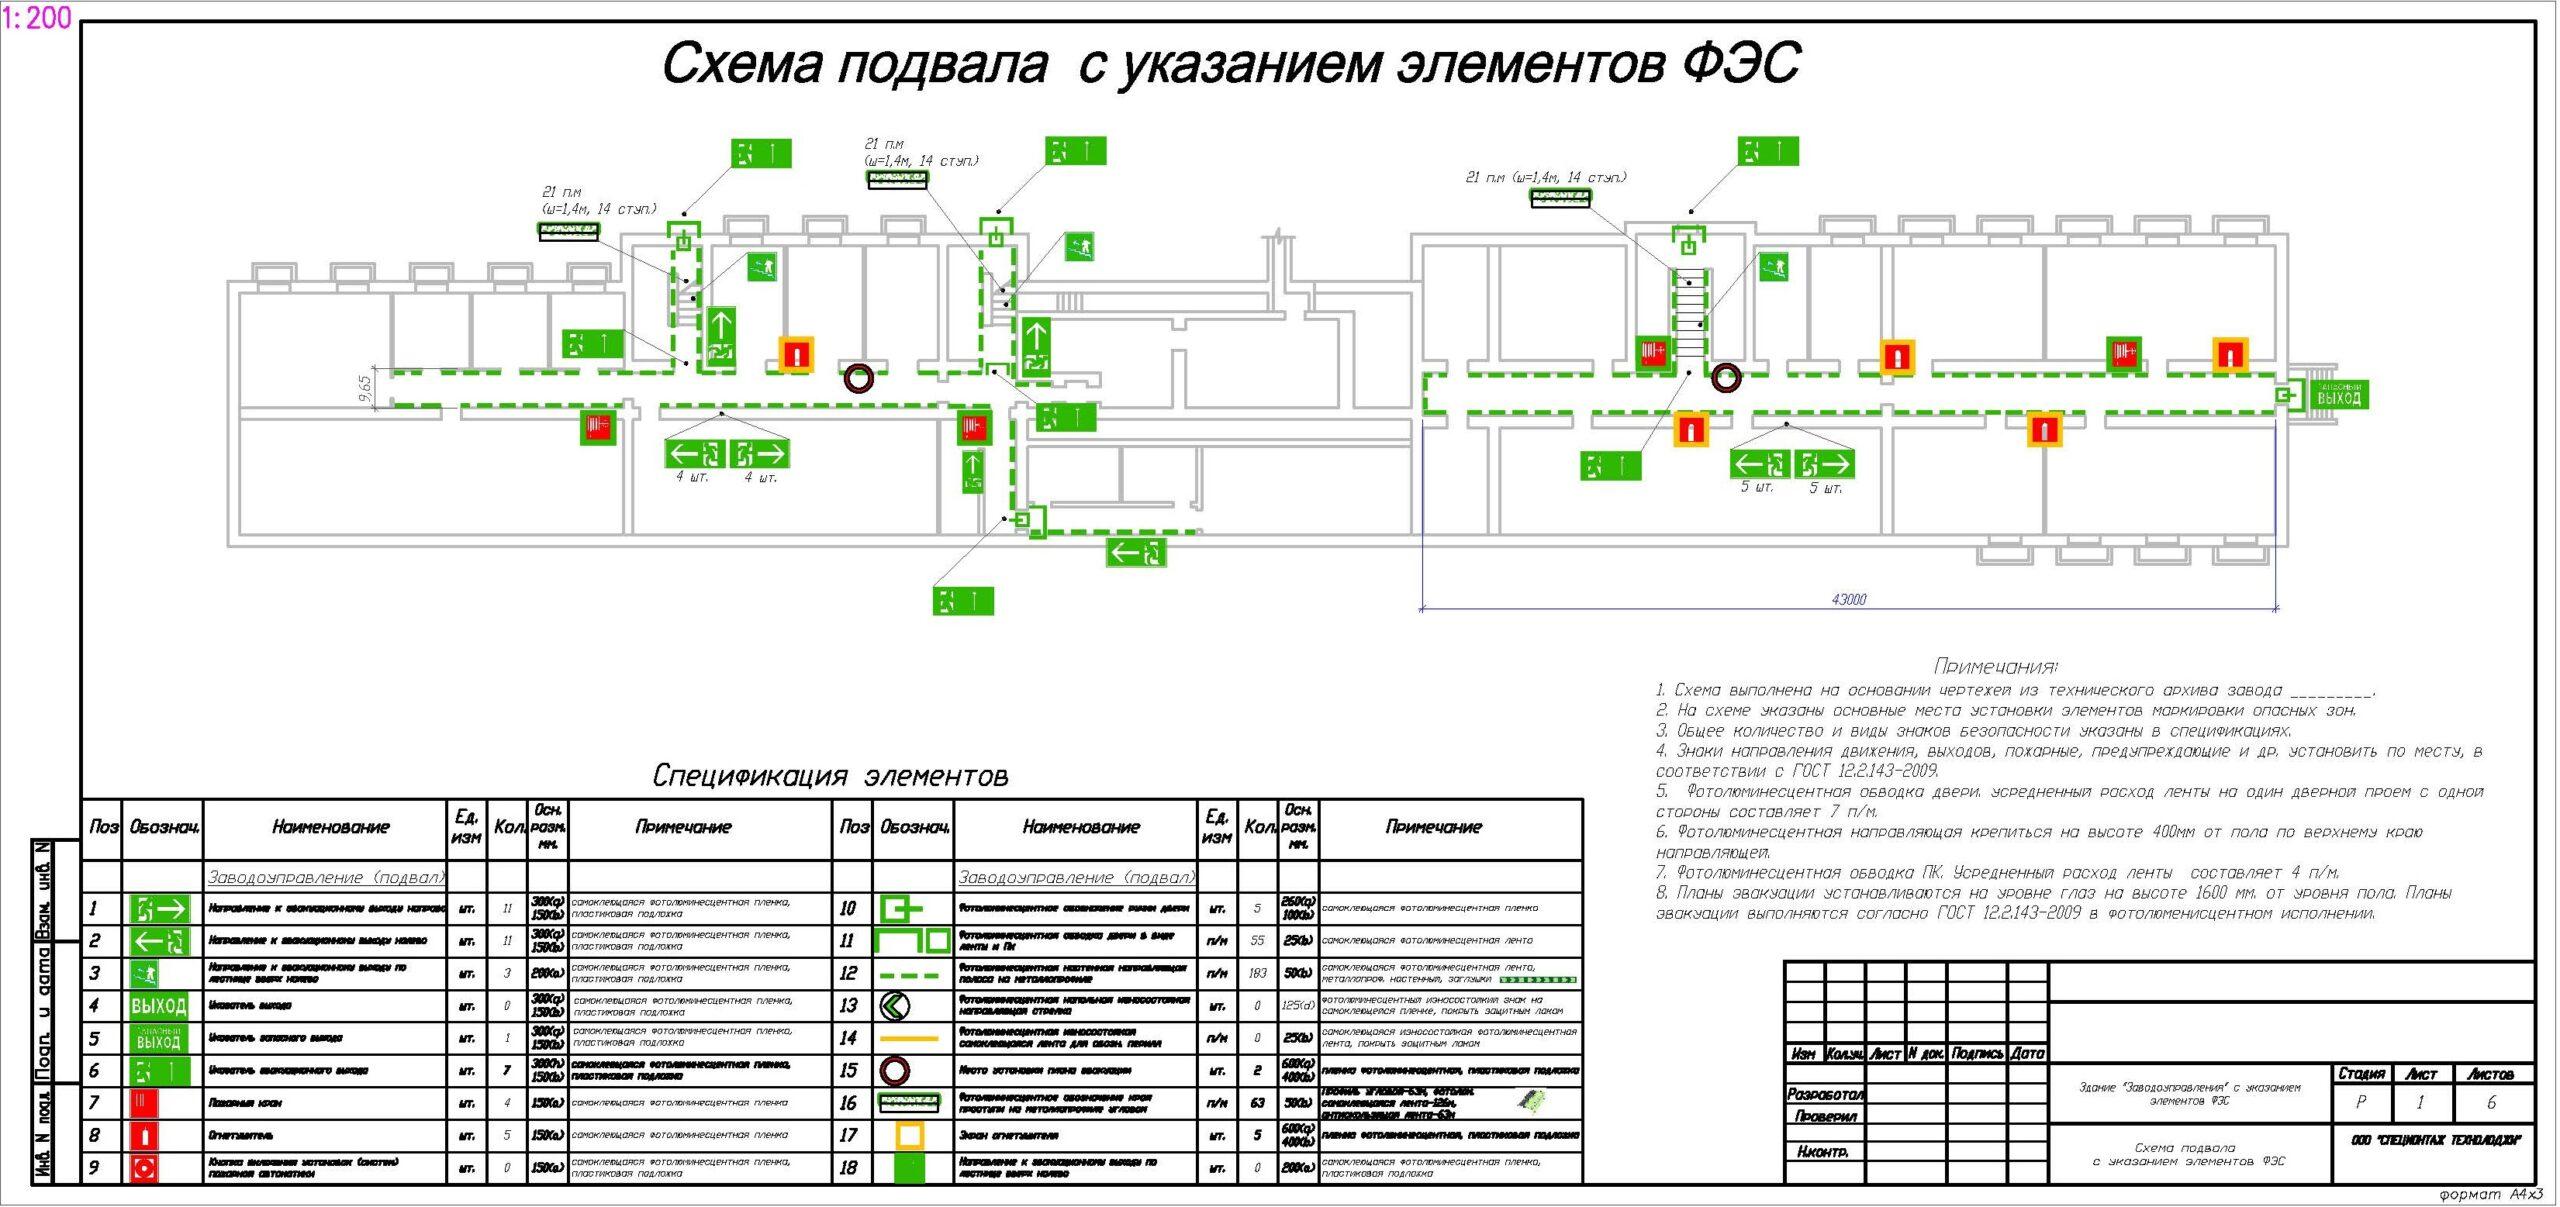 На примере- схема оповещения и управления эвакуацией. Она содержит специальные обозначения и условные знаки.